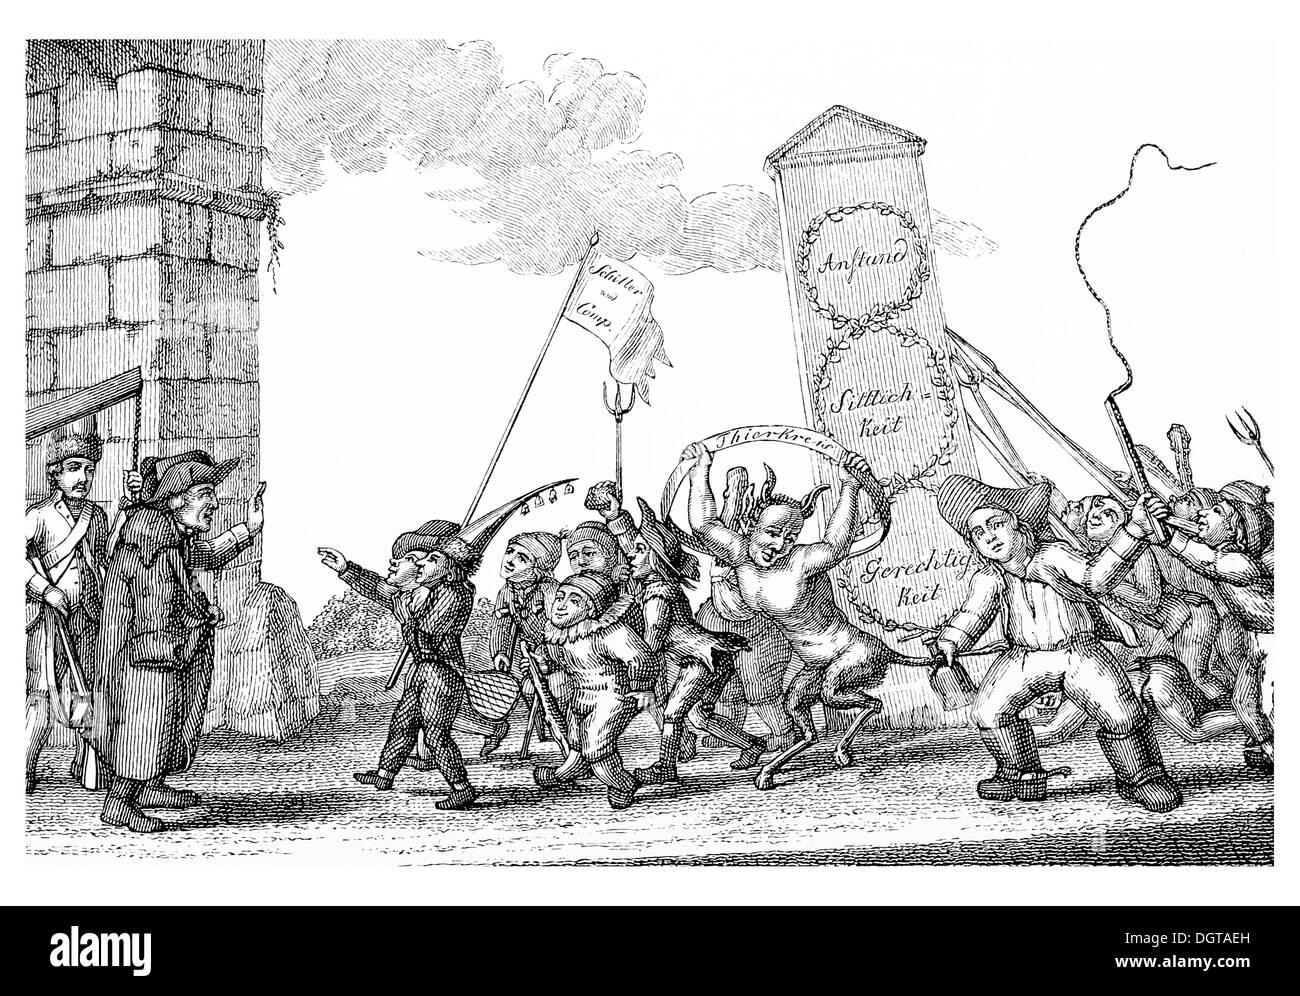 Satirical copperplate from the Xenienschelte, historical illustration in Deutsche Literaturgeschichte or German literature from - Stock Image